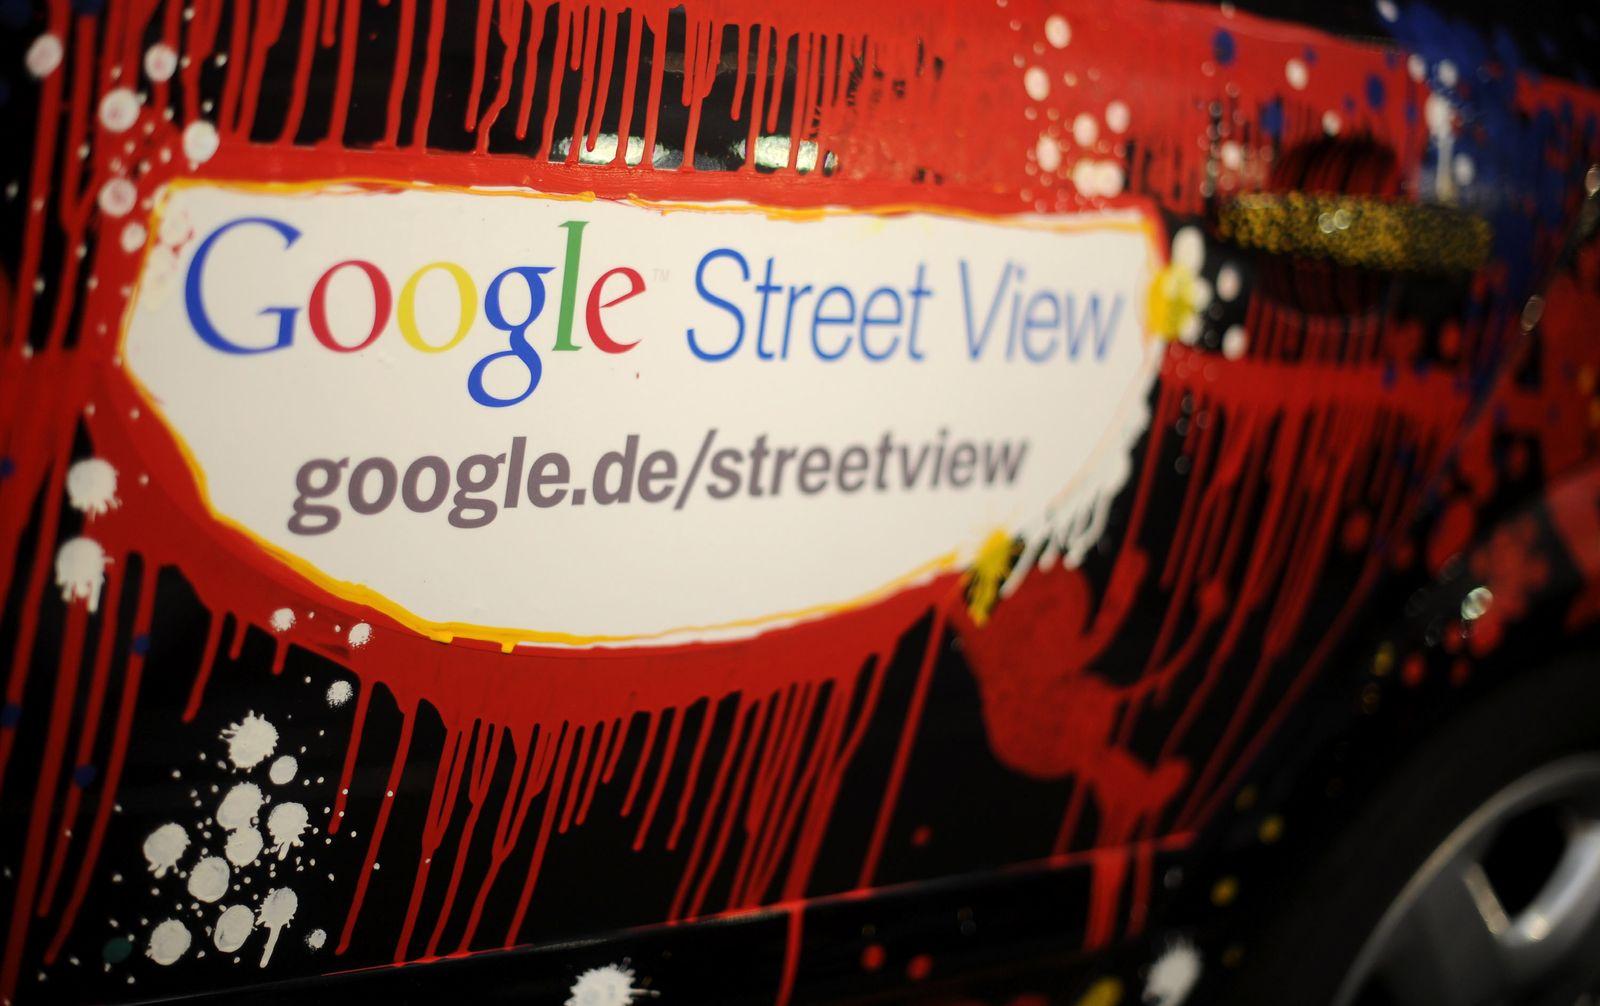 NICHT VERWENDEN Google Street View